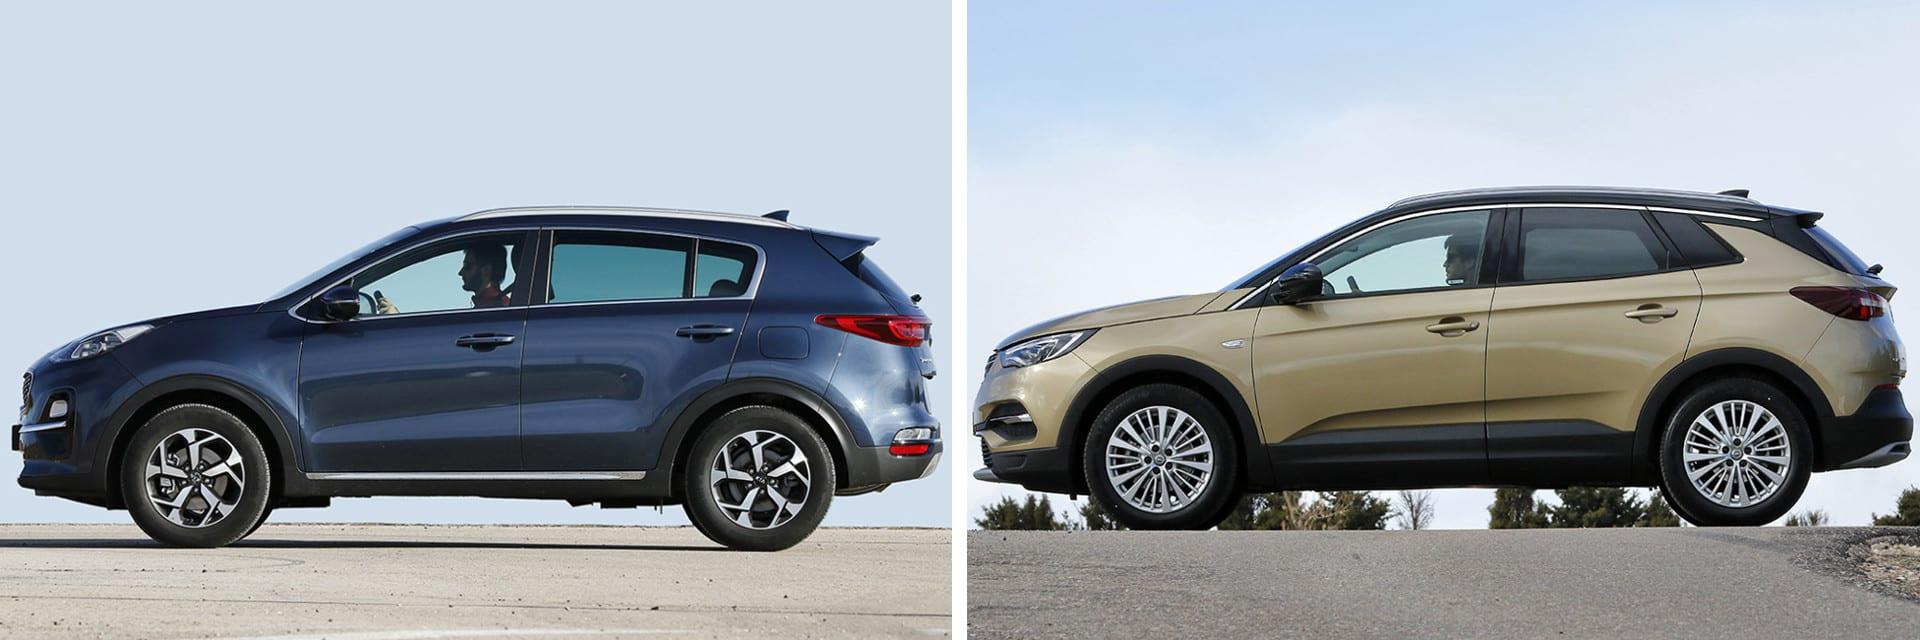 Las fotos del KIA Sportage corresponden al acabado Emotion con el Pack Premium y las del Opel Grandland X al Excellence. / km77